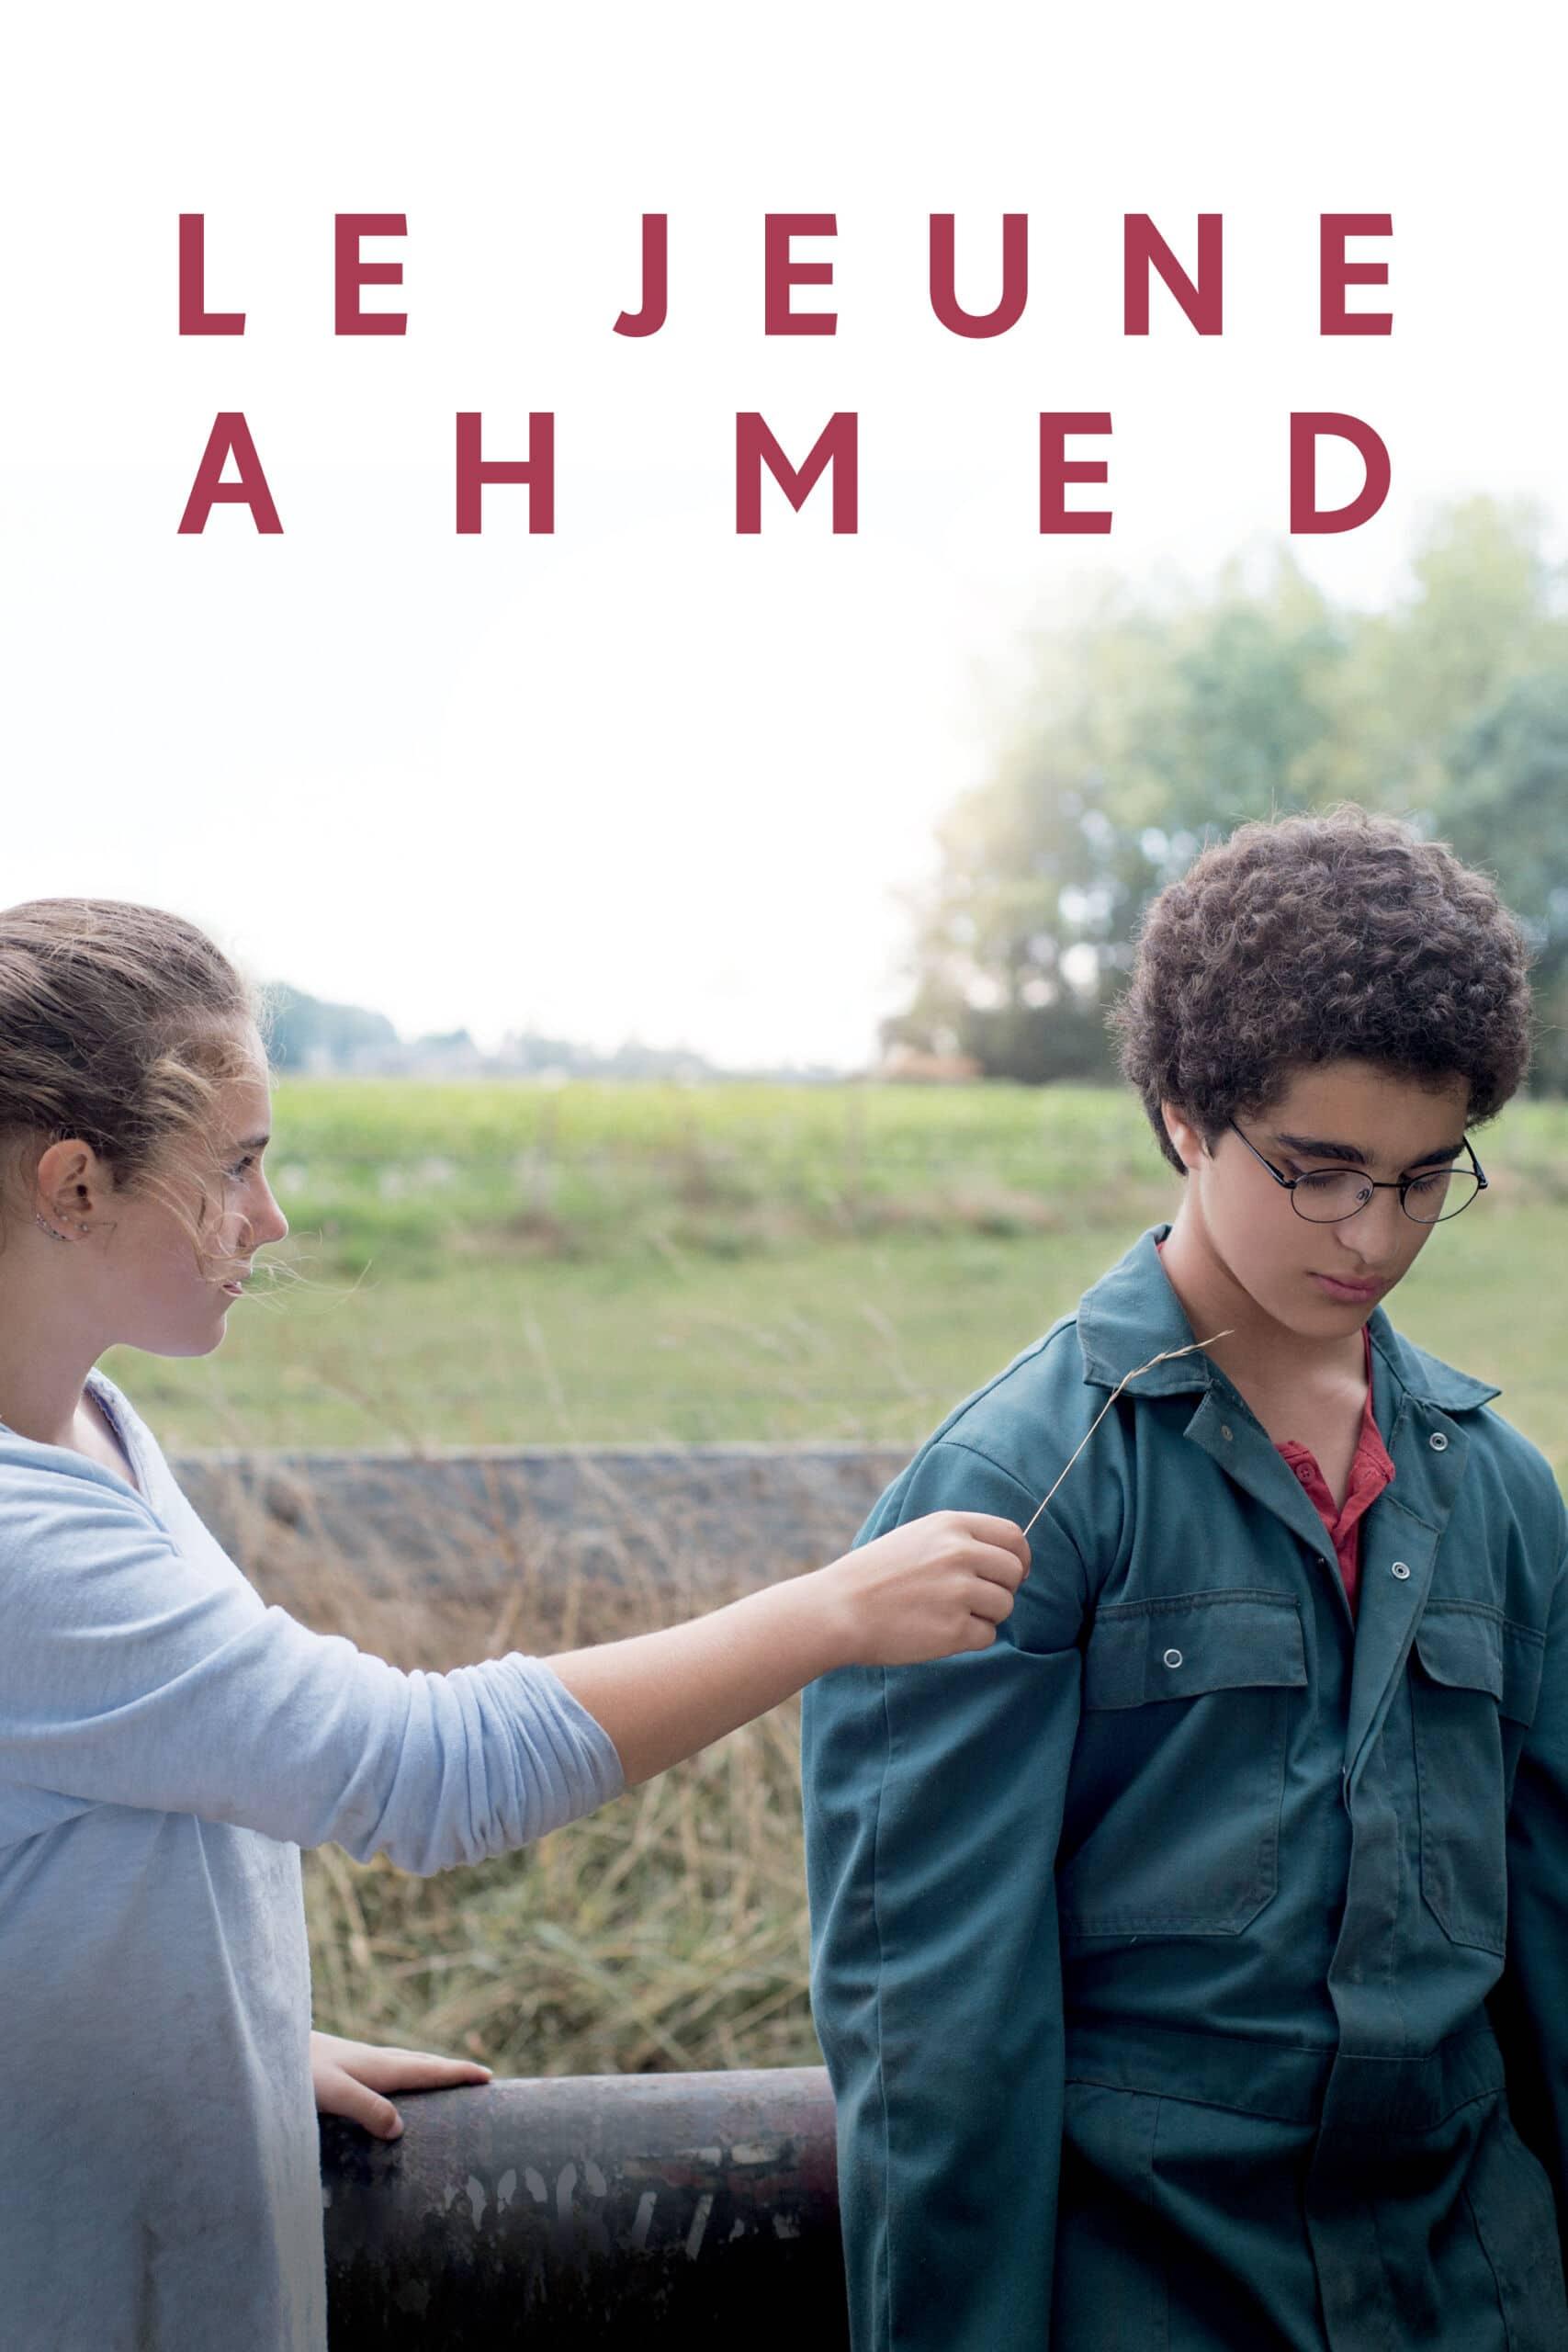 Je jeune Ahmed, un film de Luc et Jean-Pierre Dardenne